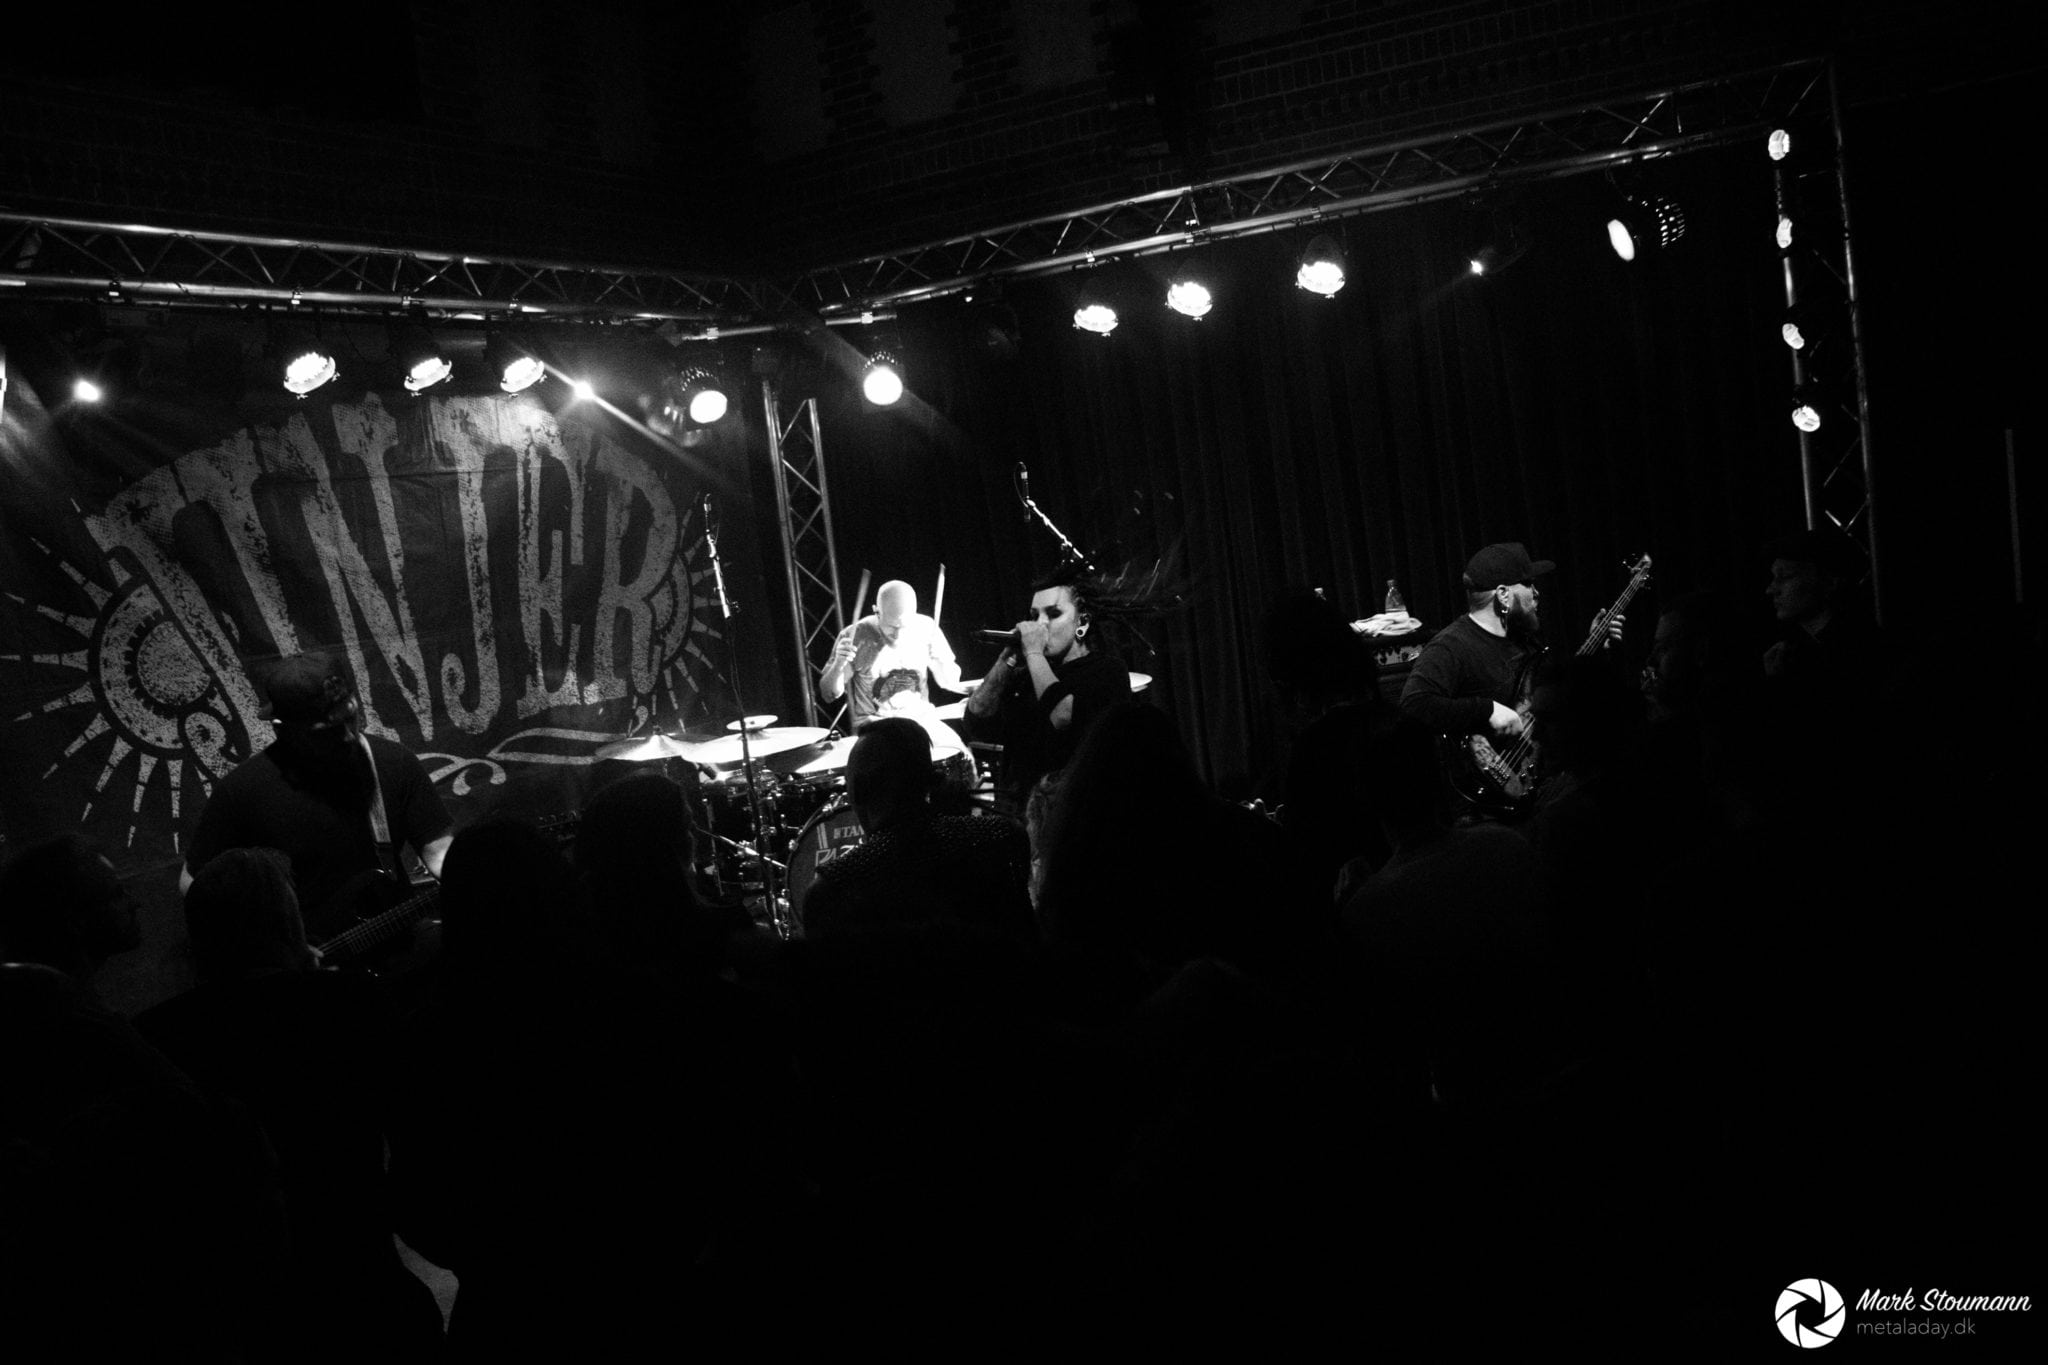 Lygten blev tændt af Ukrainsk groove-metal!